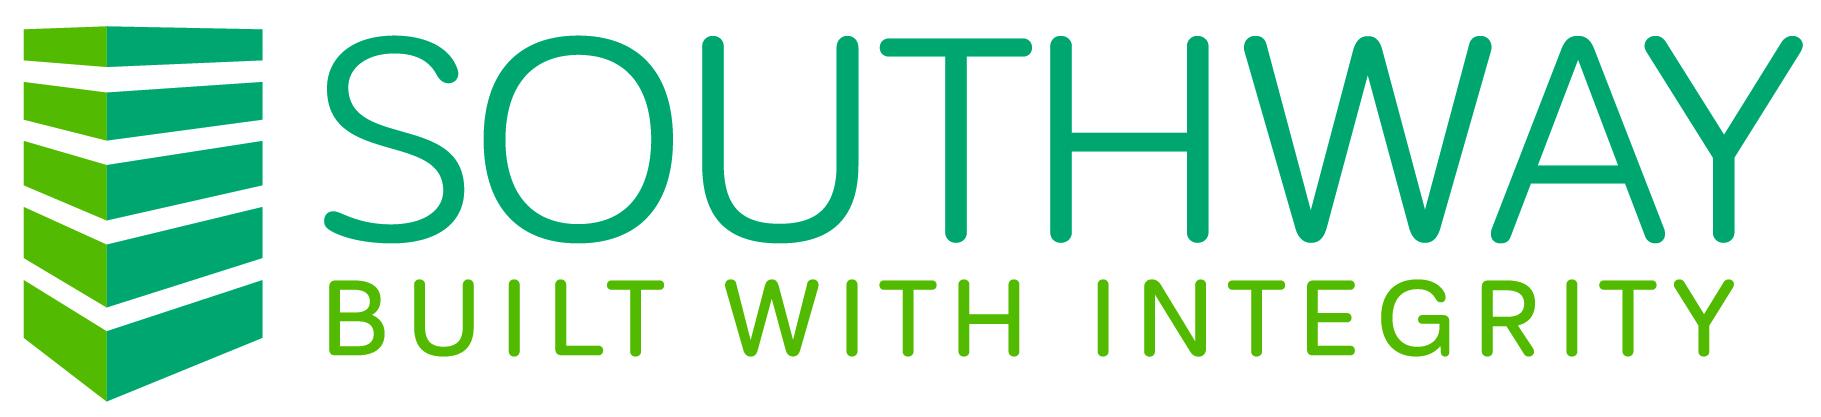 Southway_logo_HR.jpg